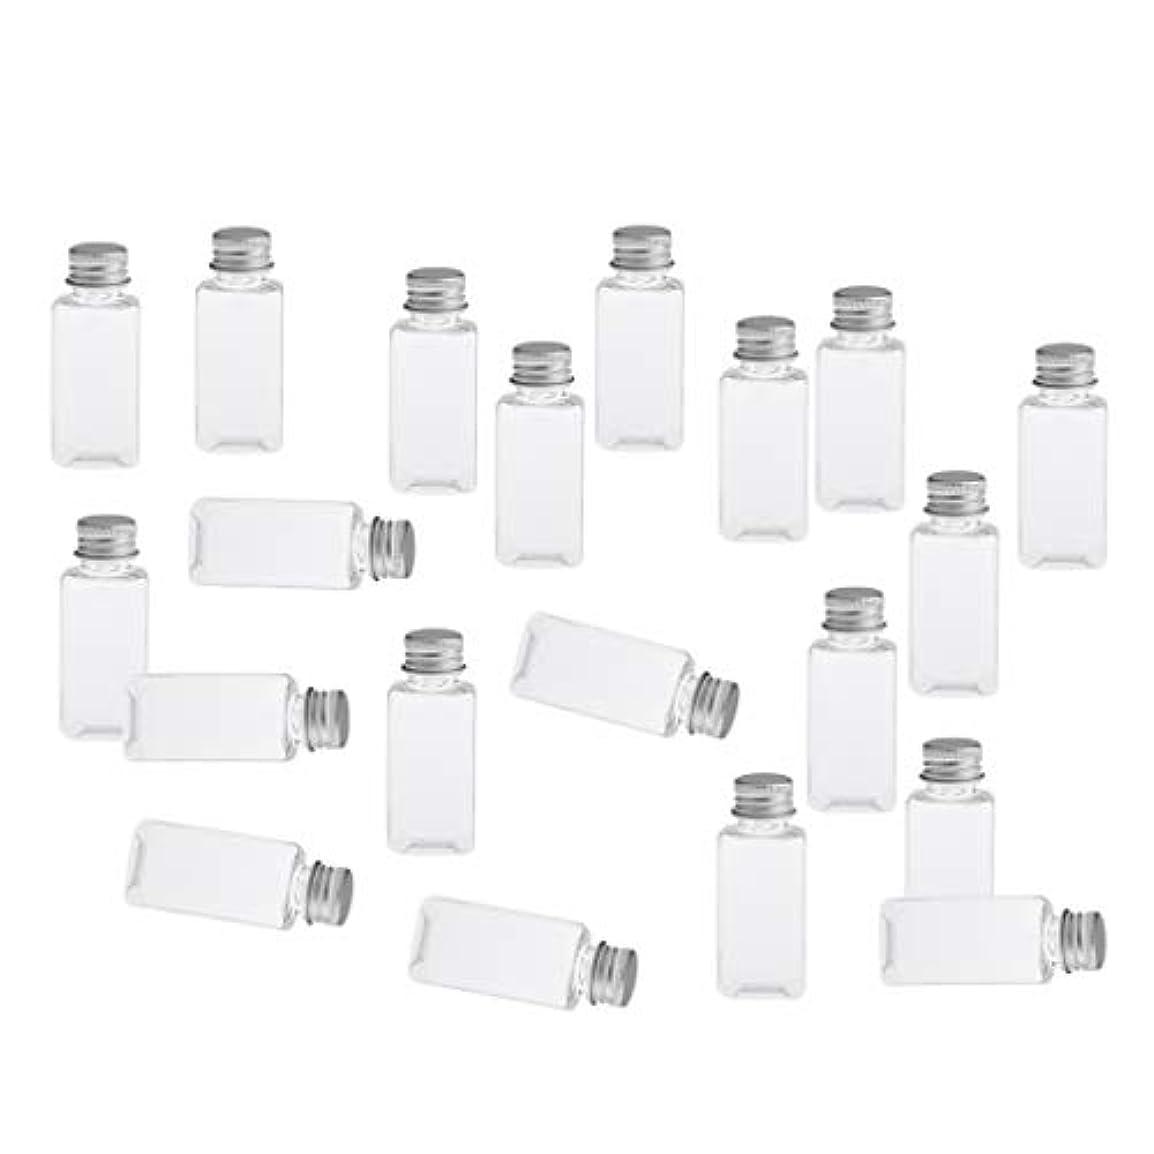 感じヒギンズブラウス全8色 PETボトル 空のボトル 小分け用 化粧品 香水 エッセンシャルオイル 漏れ防止 約20個 - クリアシルバー